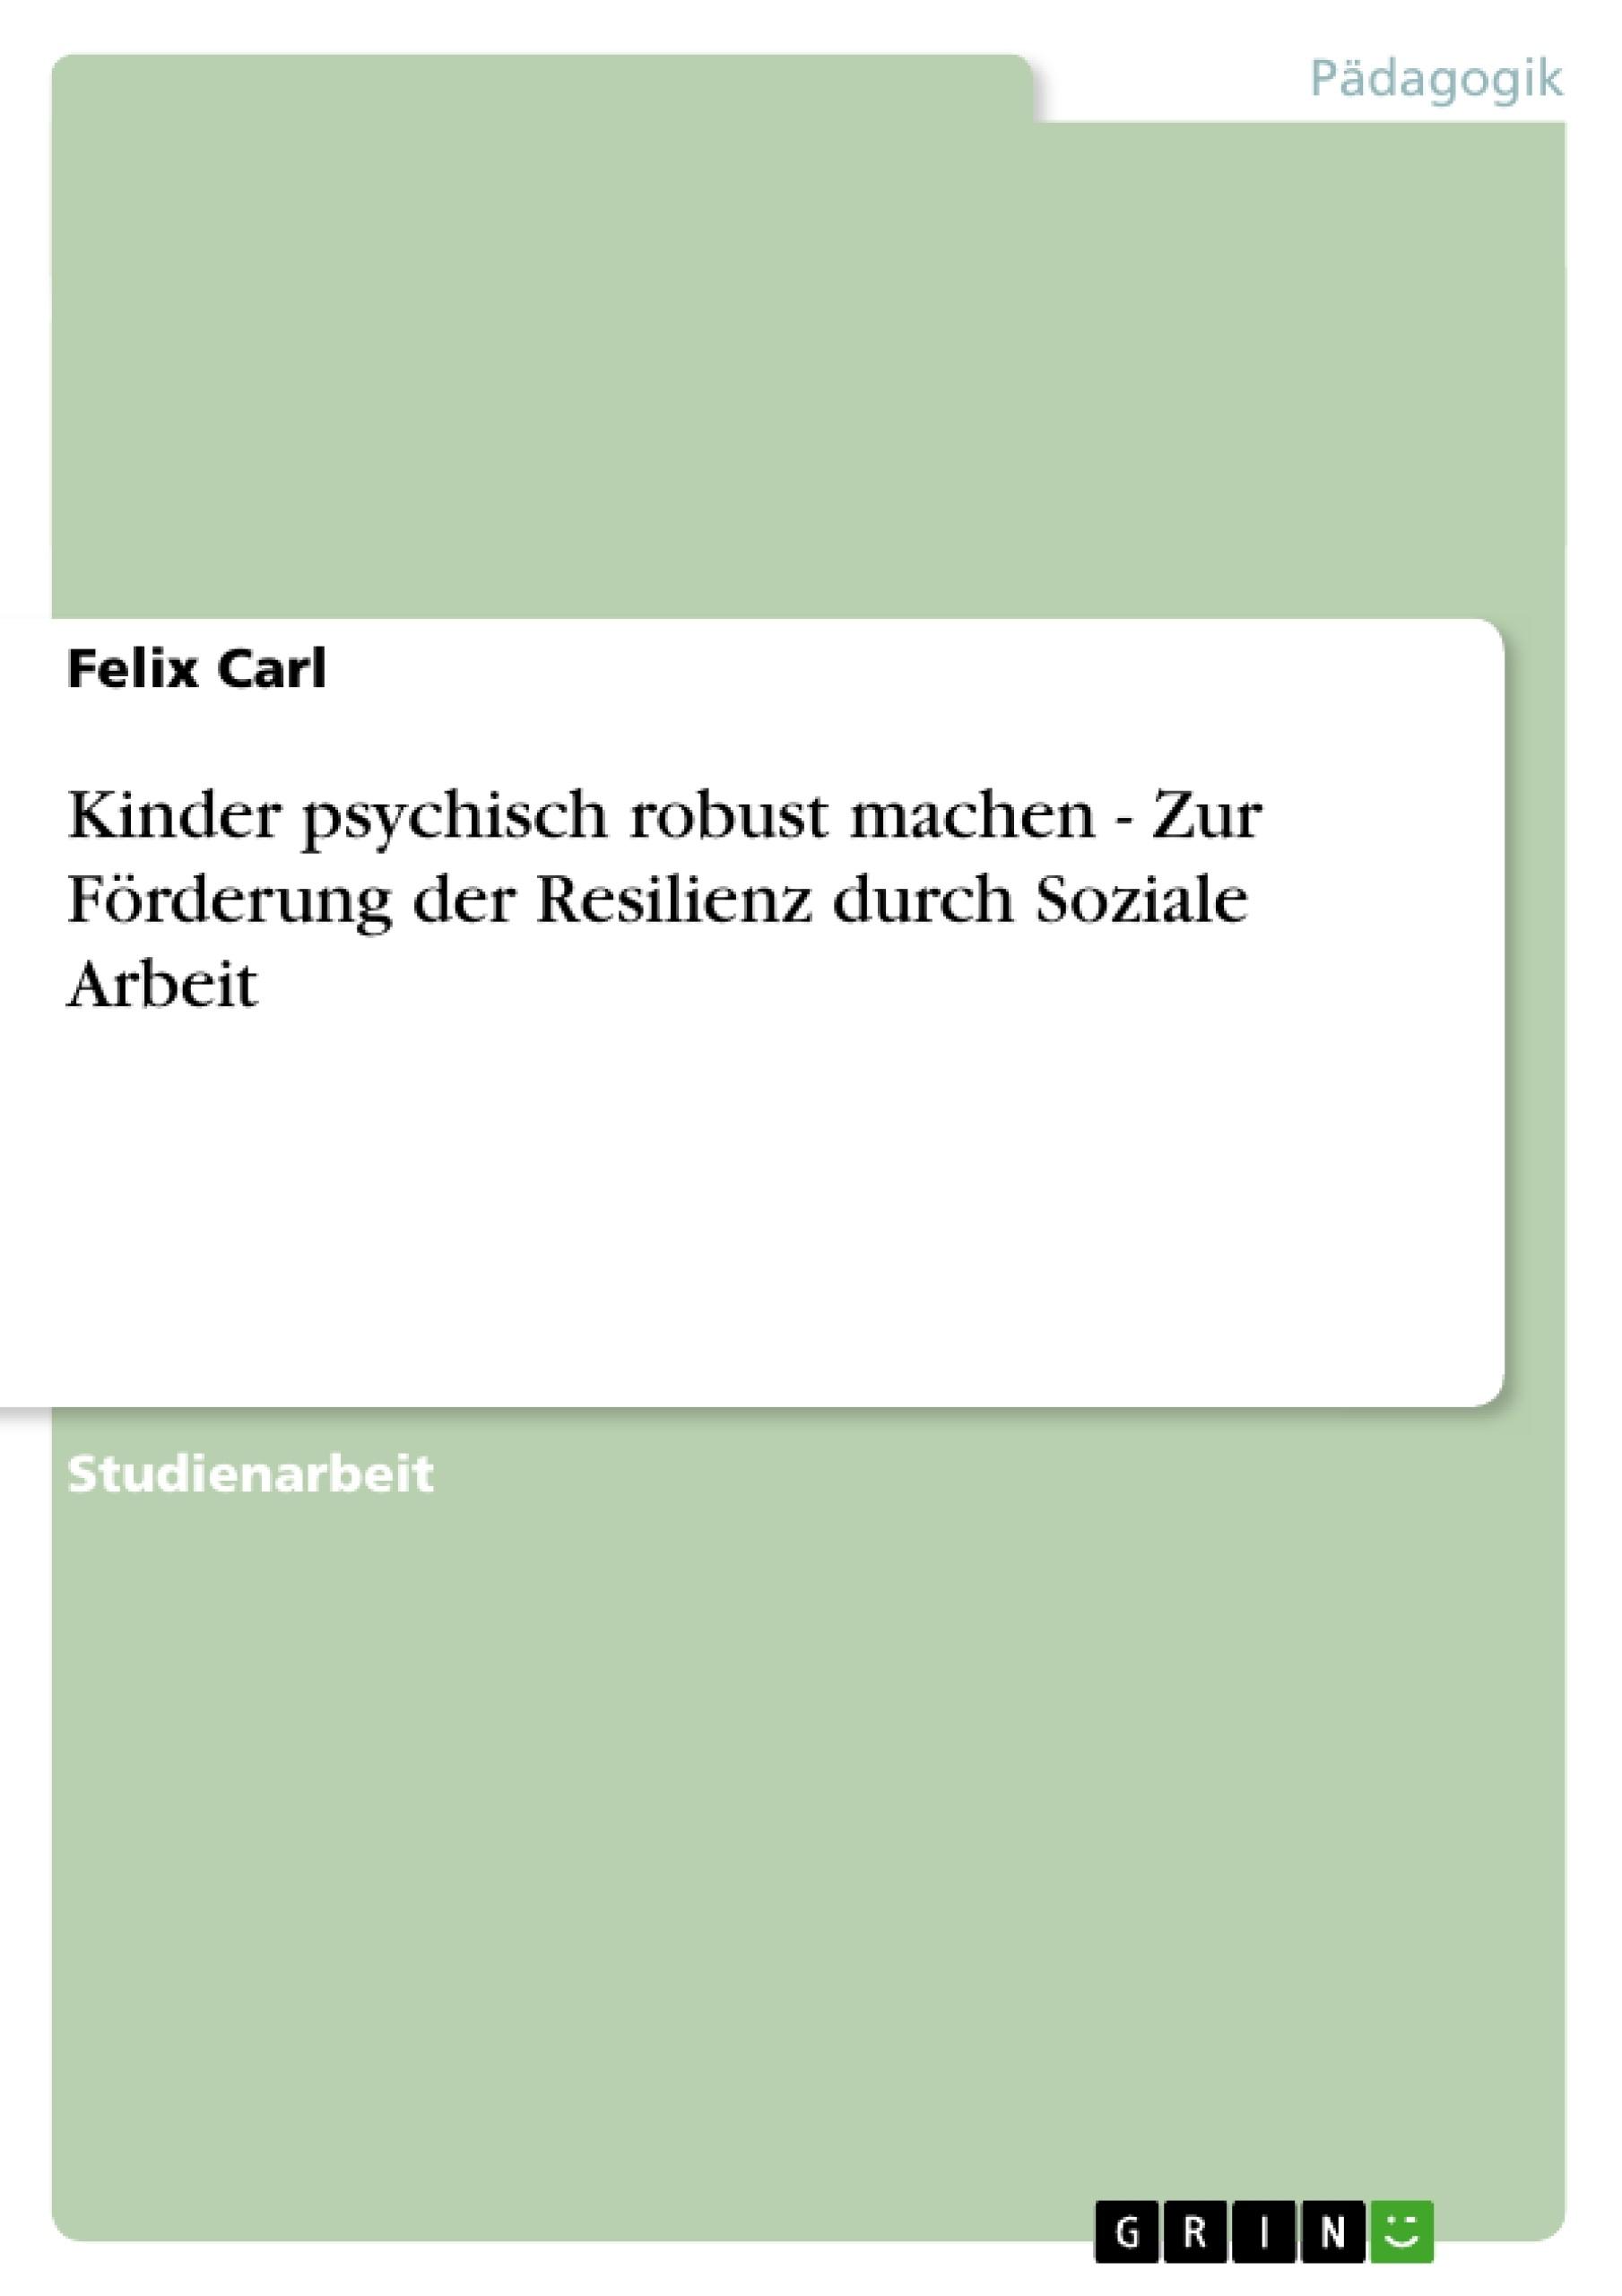 Titel: Kinder psychisch robust machen - Zur Förderung der Resilienz durch Soziale Arbeit